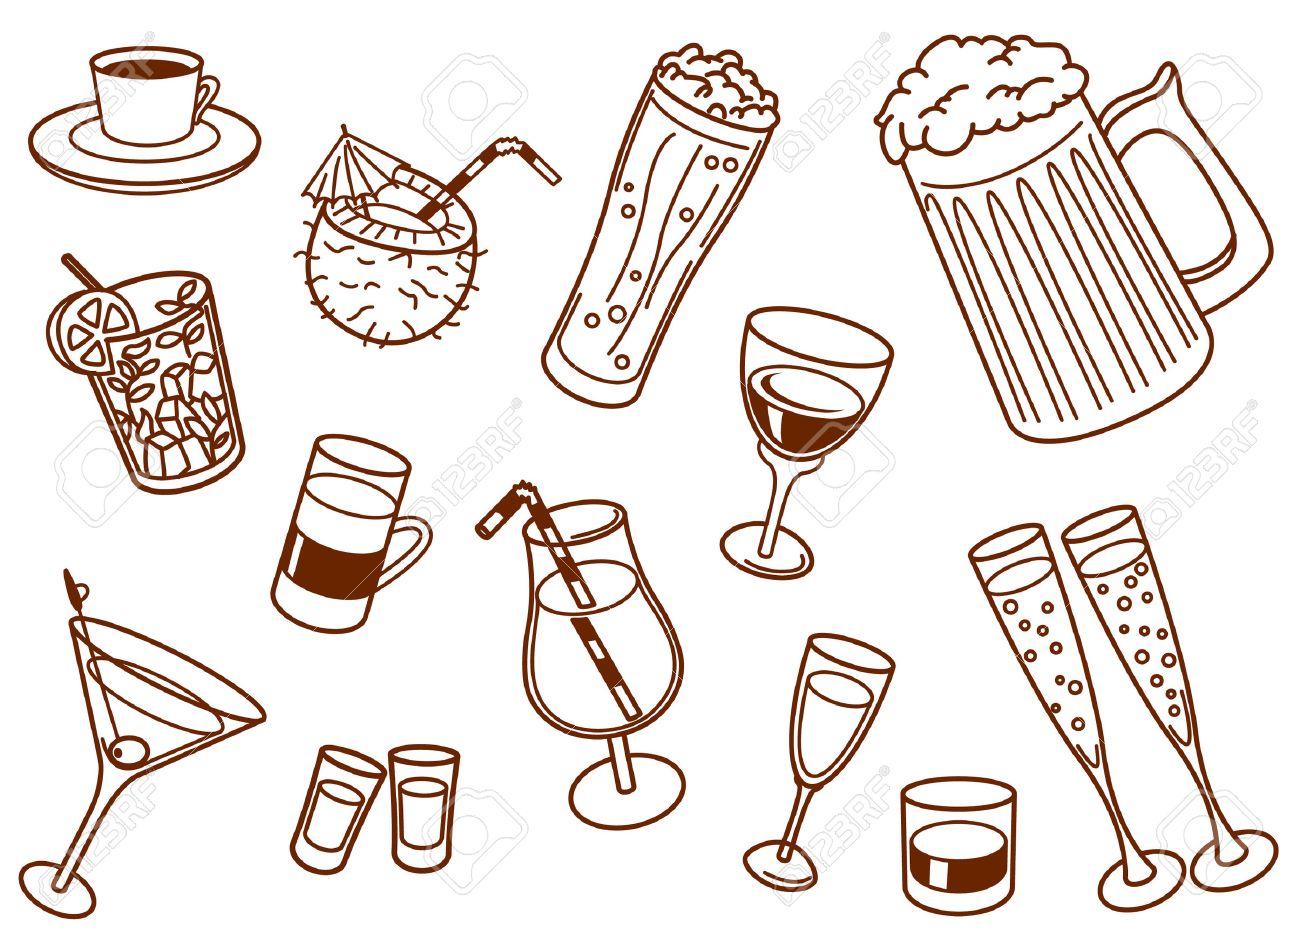 Drinks doodle set Stock Vector - 7258712